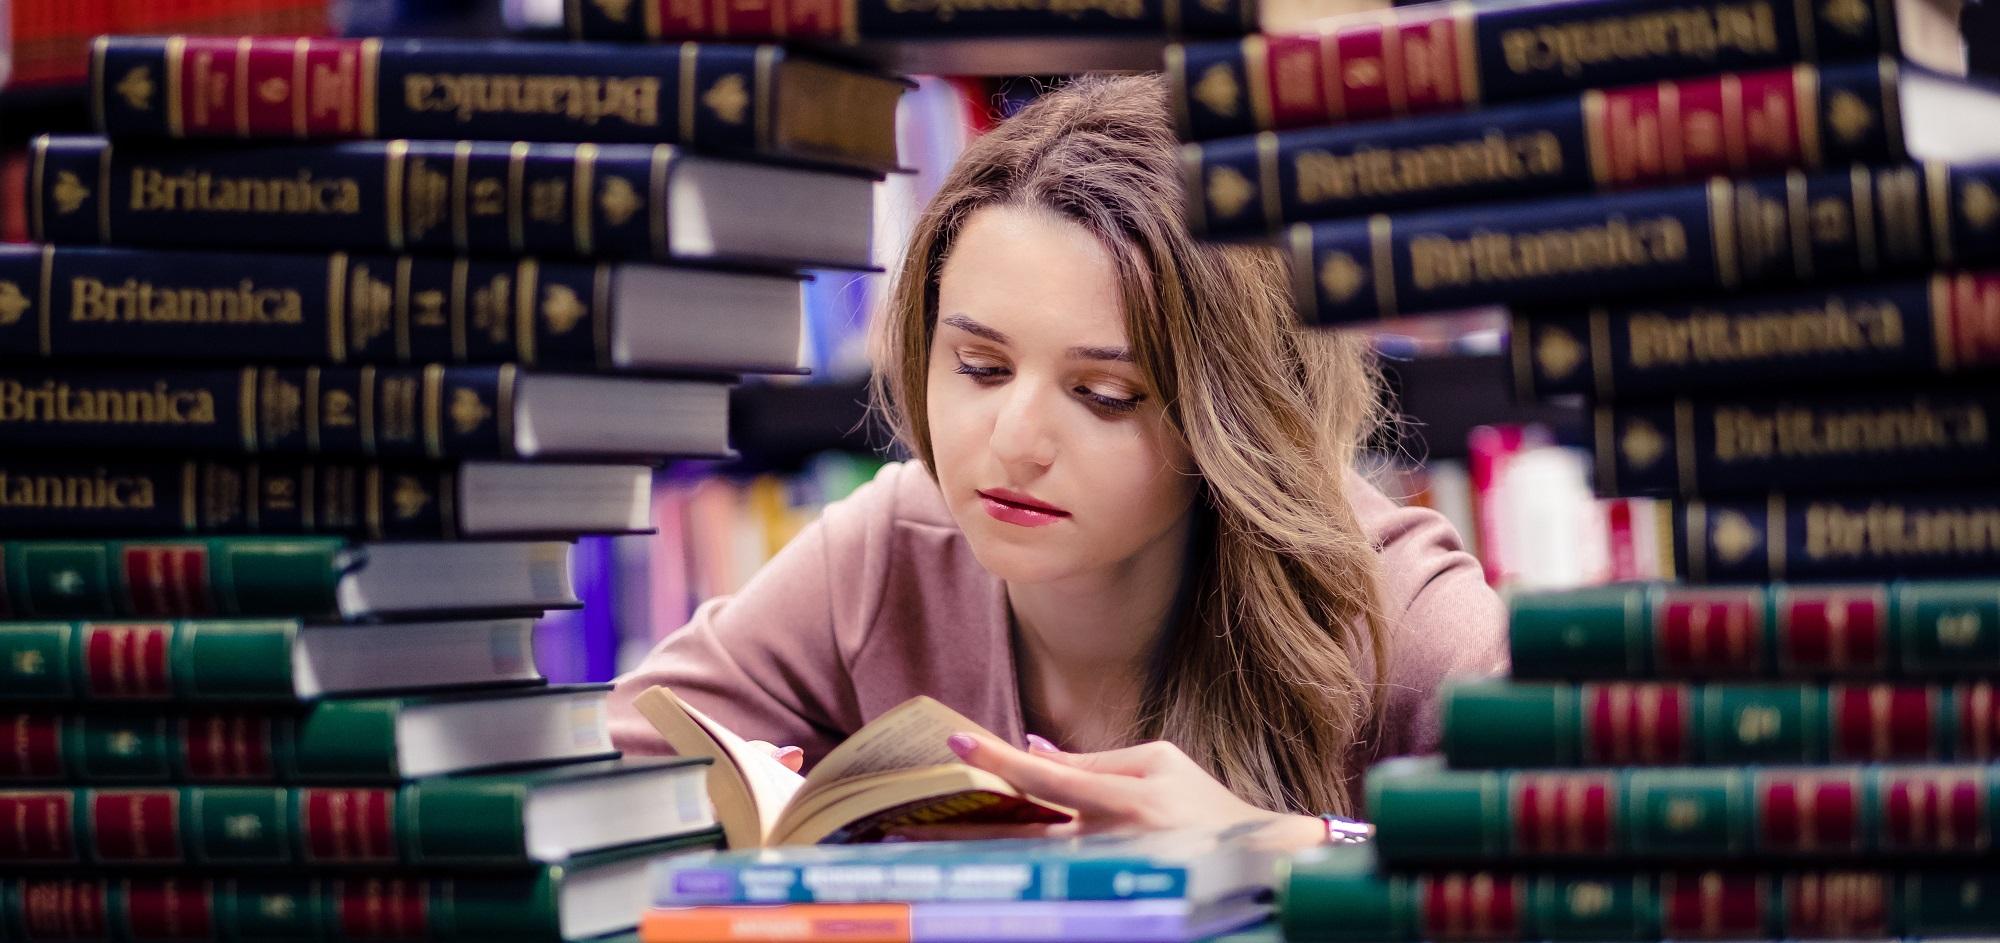 Tanara care citeste printre carti pentru un examen de limba engleza Cambridge CAE sau C1 Advanced